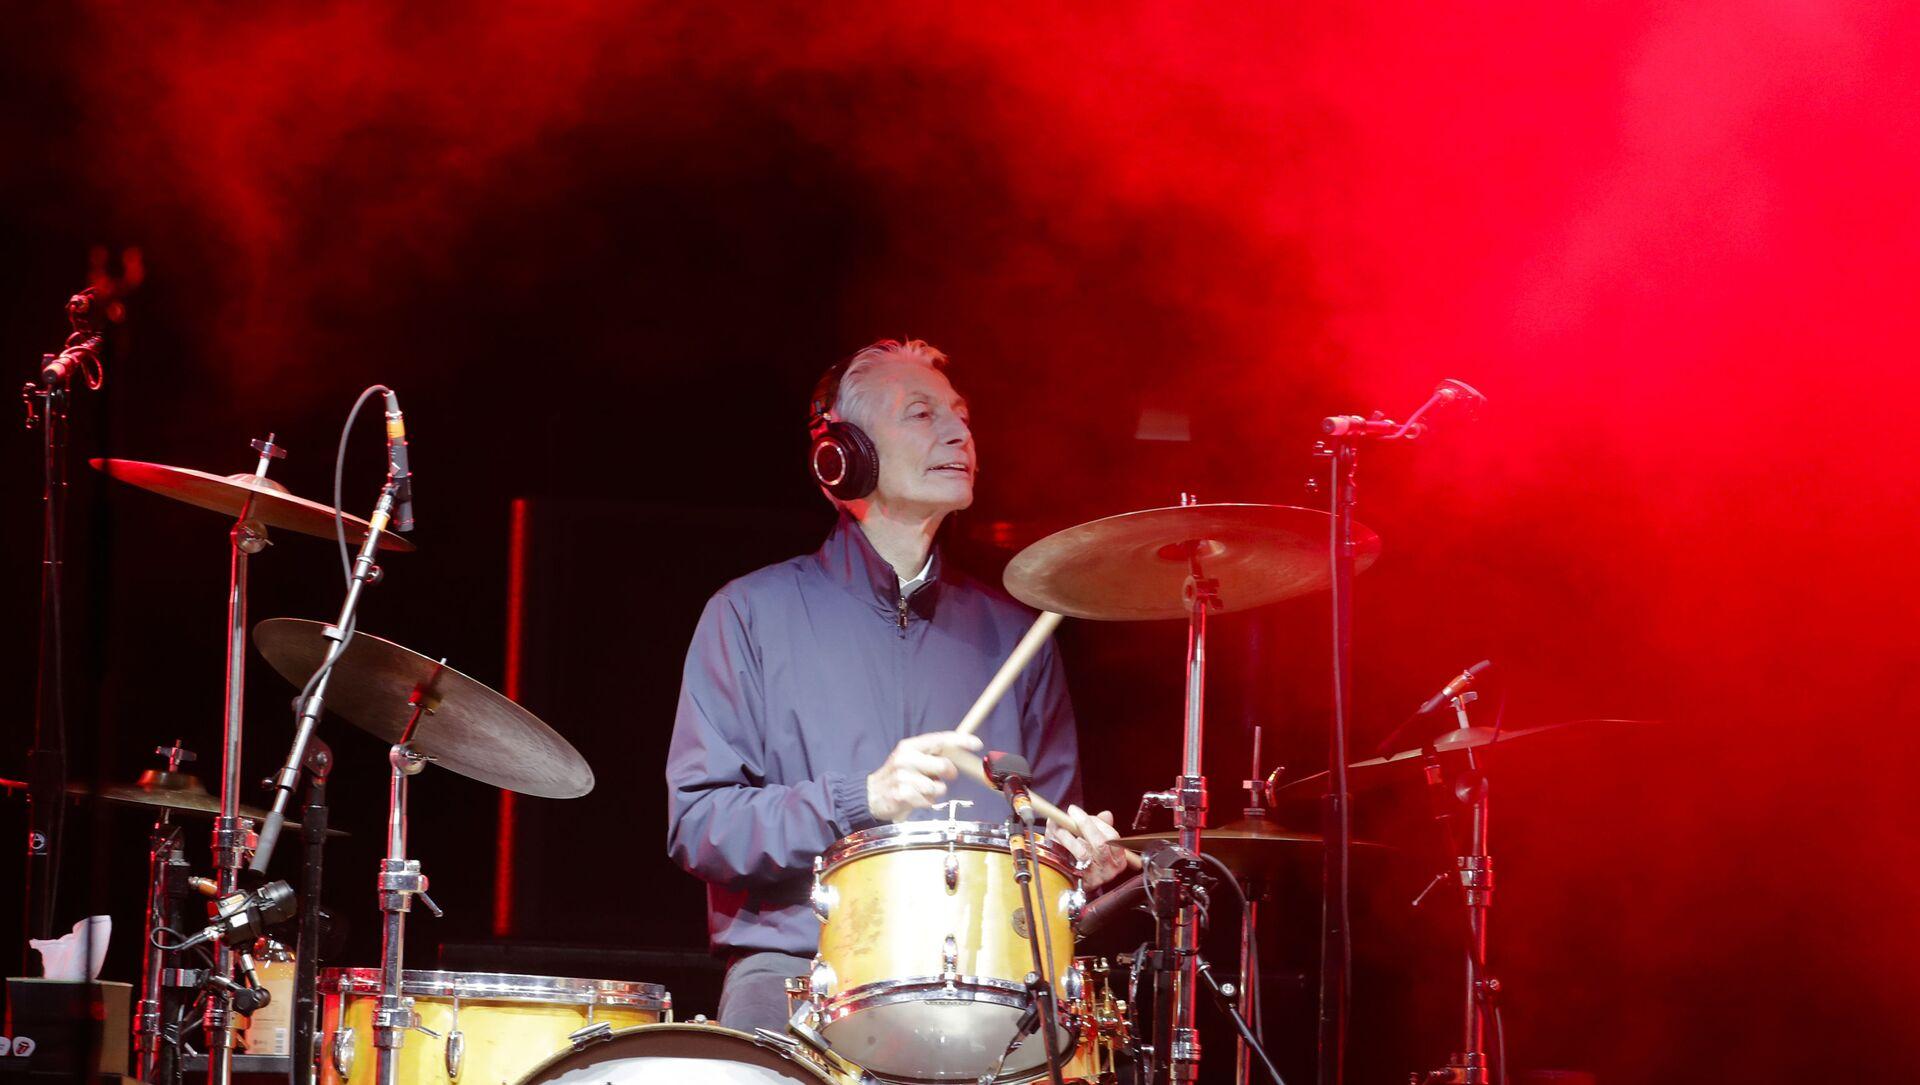 Charlie Watts lors de la tournée No Filter des Rolling Stones en Europe, septembre 2017 - Sputnik France, 1920, 24.08.2021